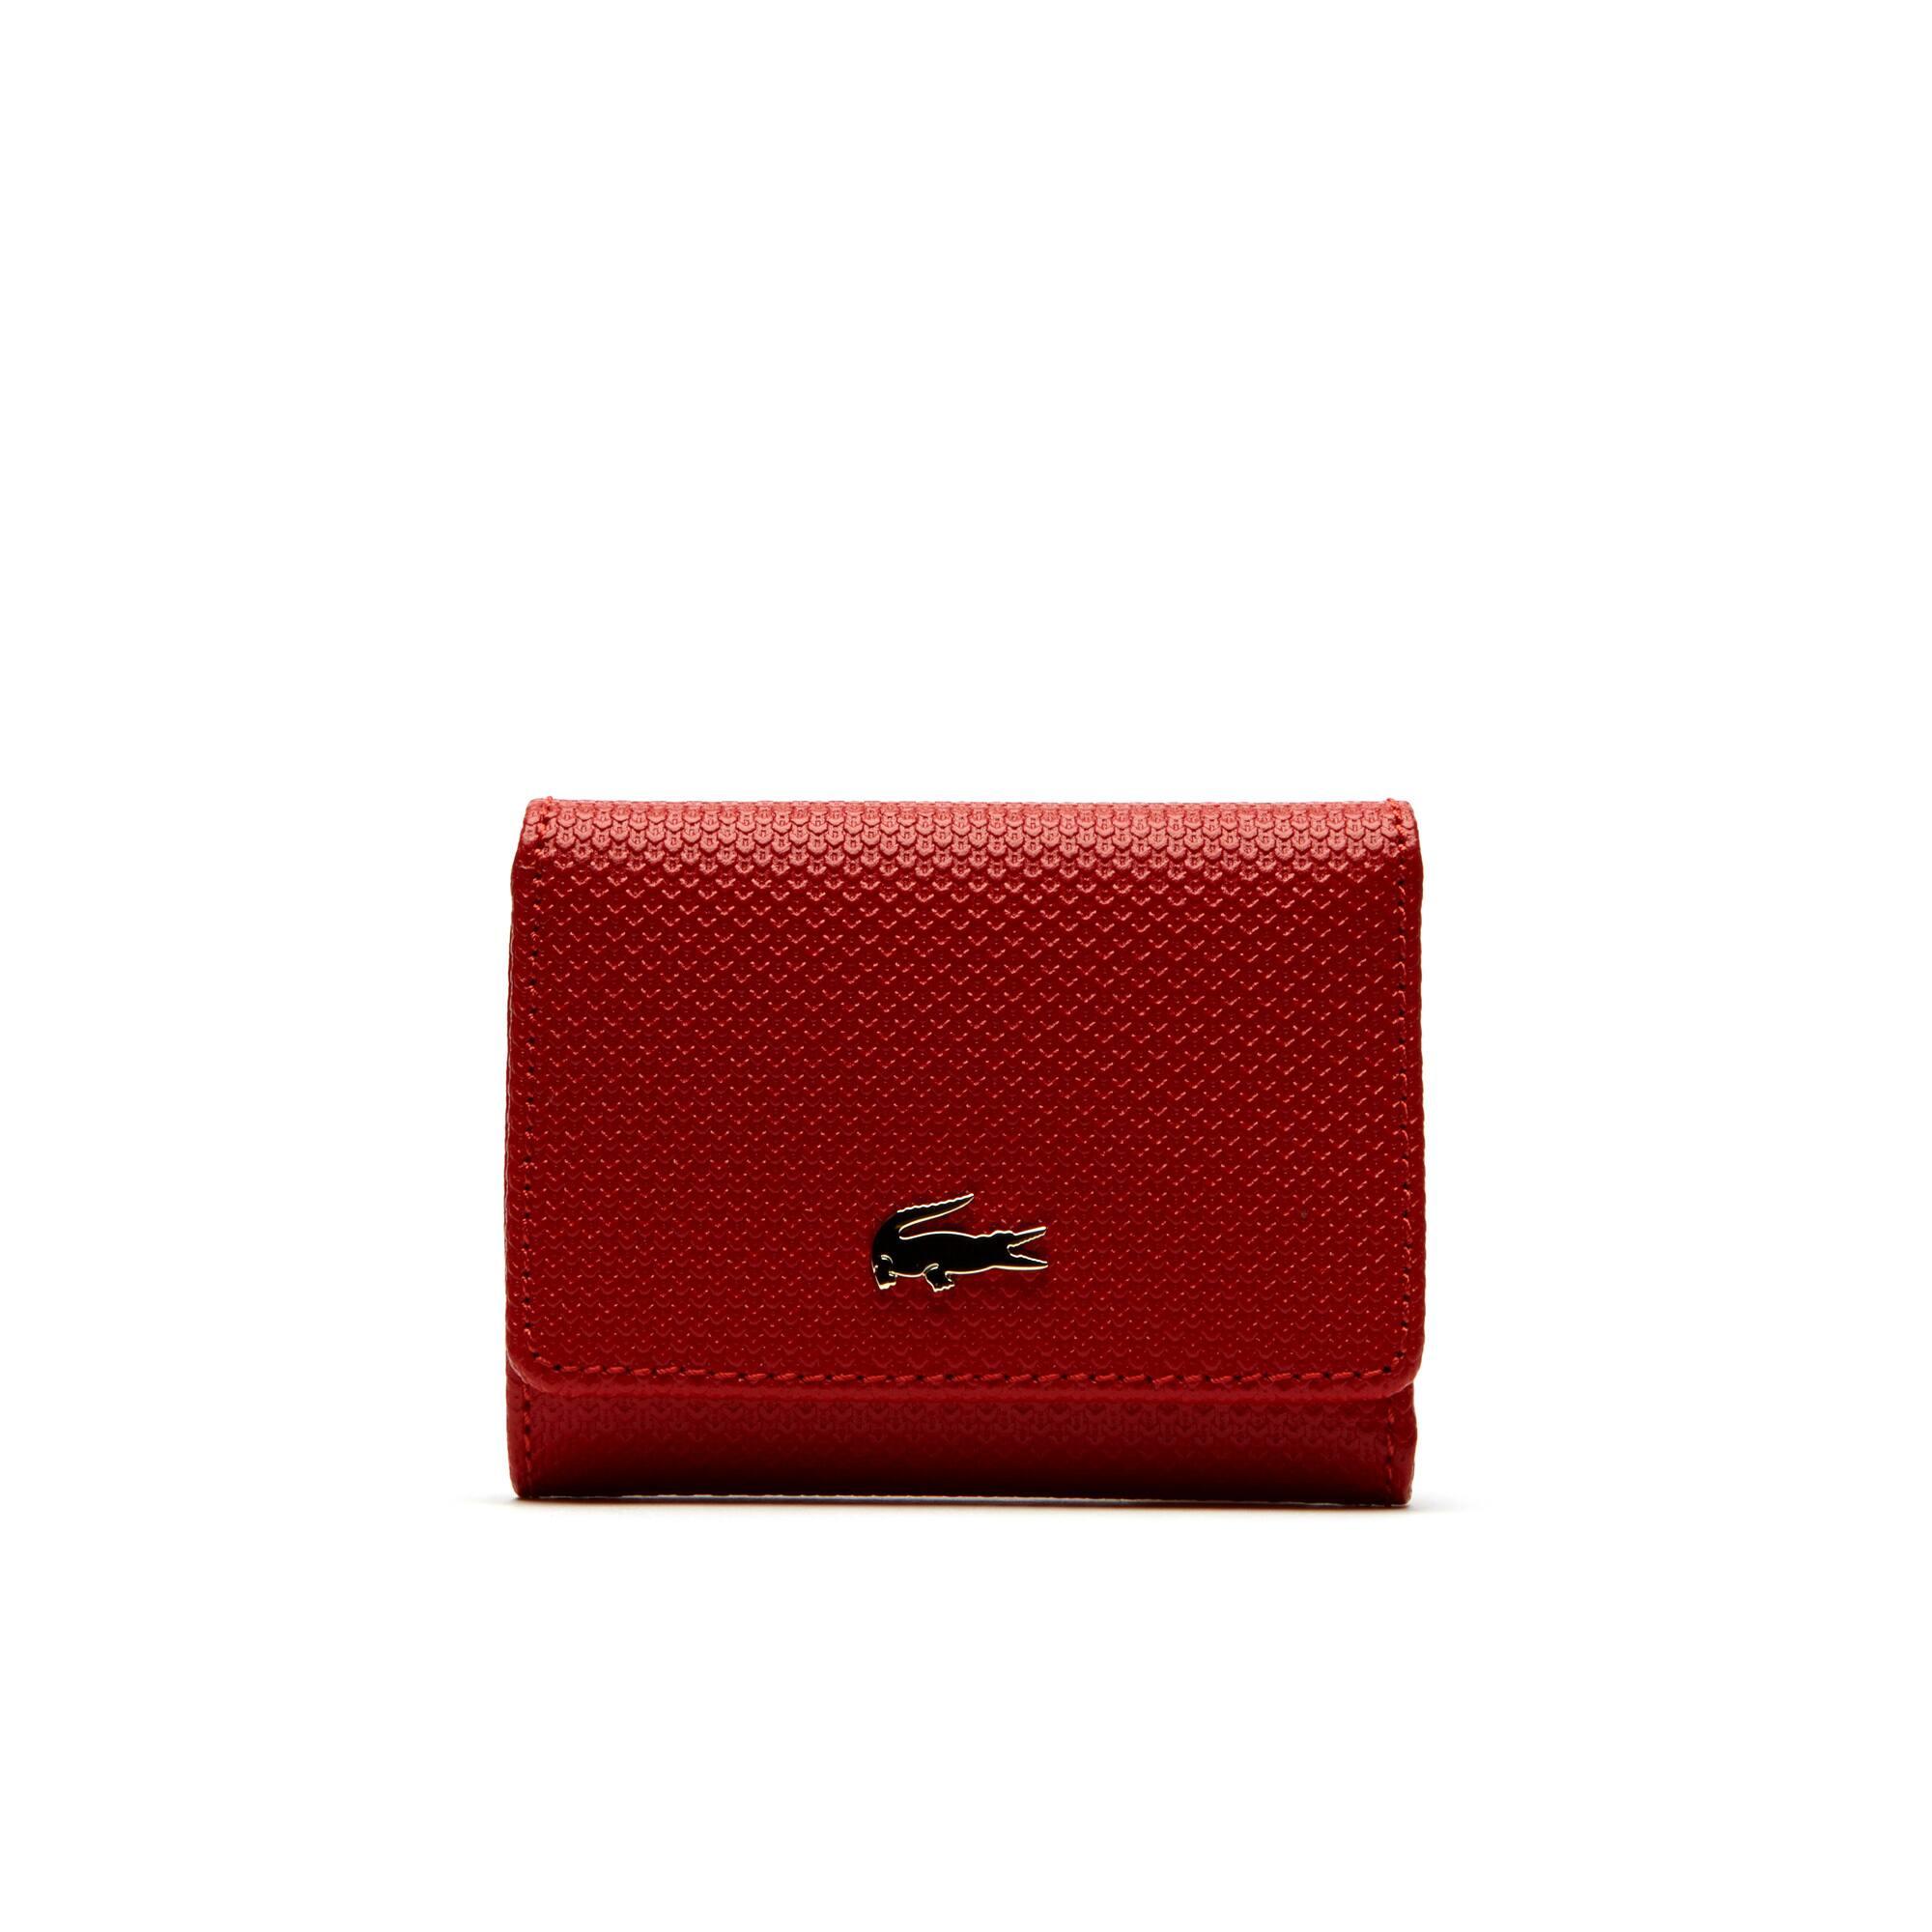 Damen-Brieftasche CHANTACO aus Piqué-Leder für sechs Karten